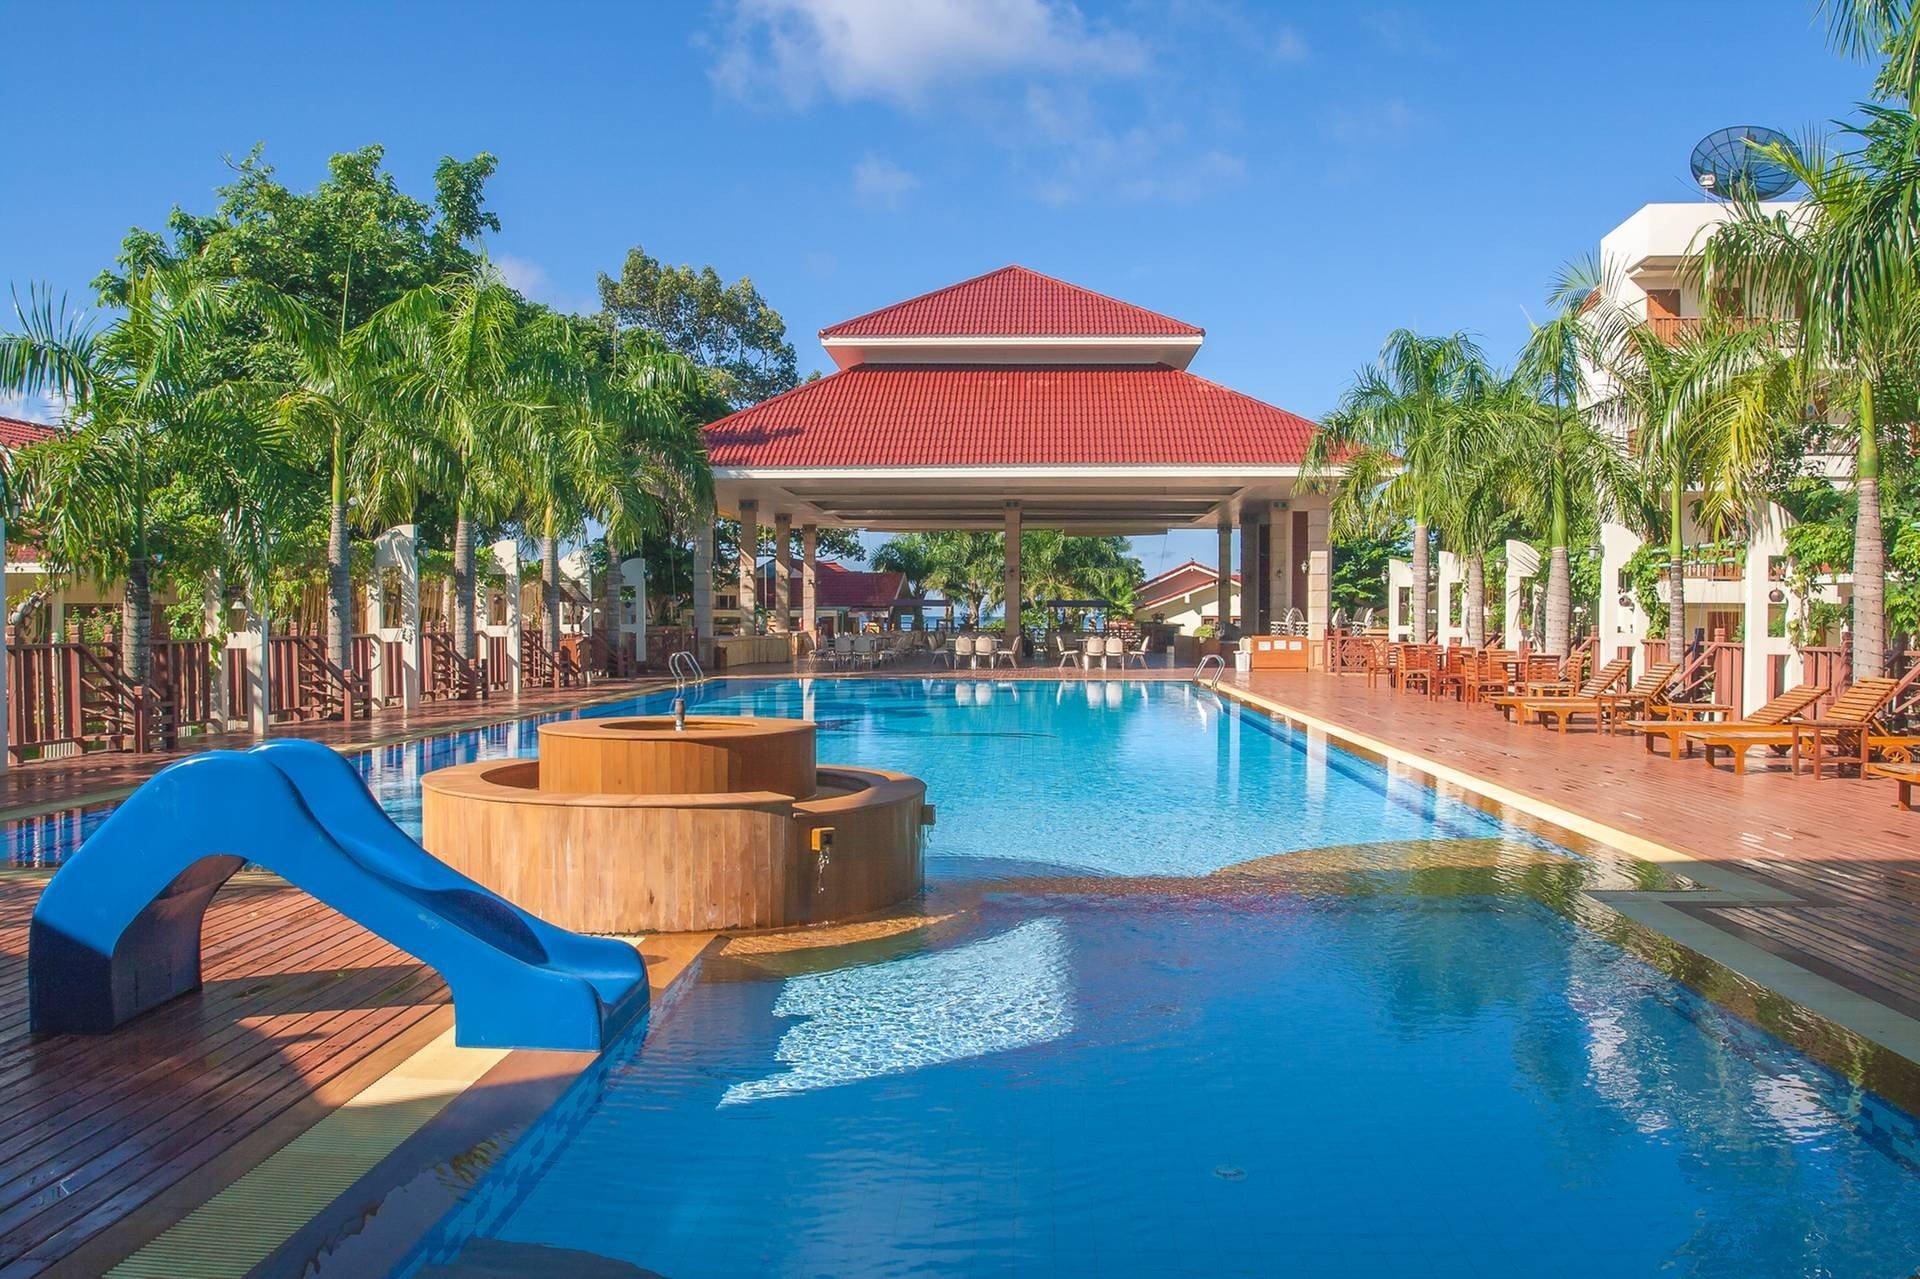 New Travel Beach Resort Hotel